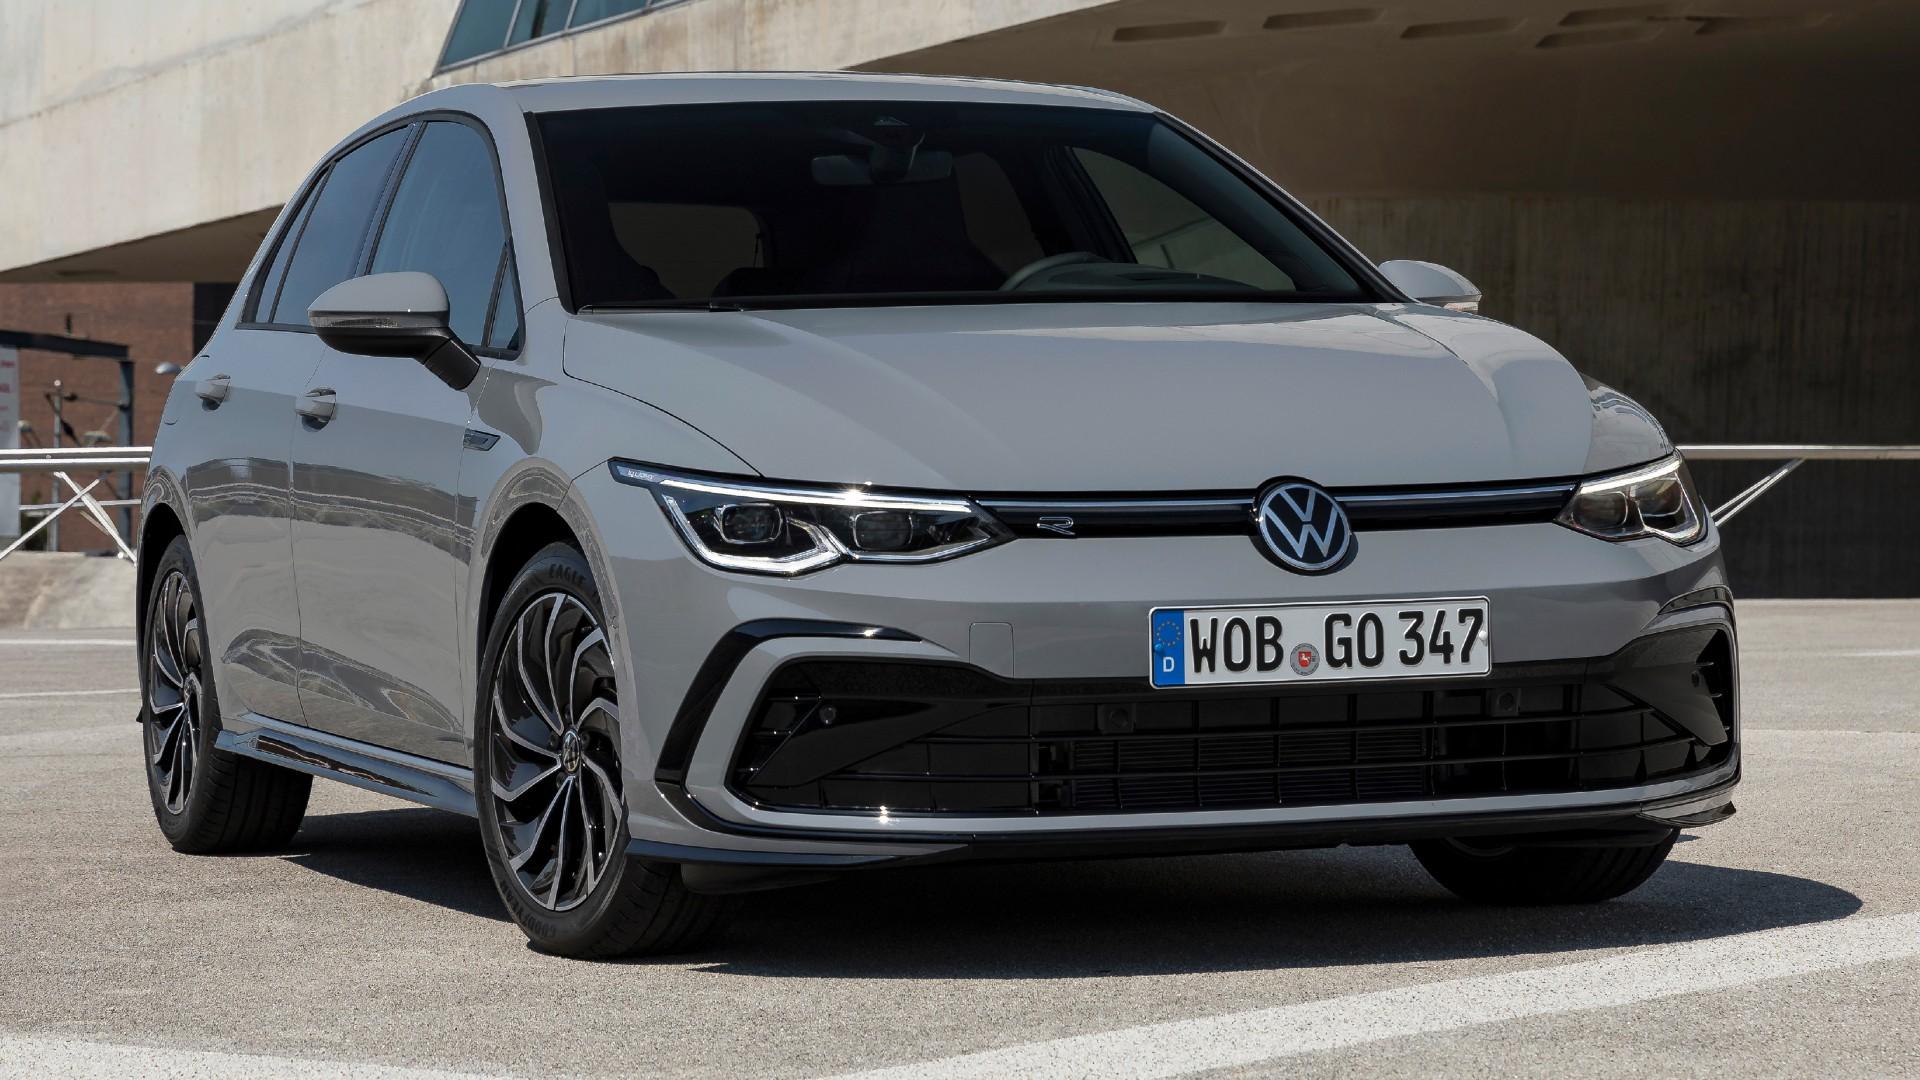 Νέες mild hybrid εκδόσεις στη γκάμα του Volkswagen Golf